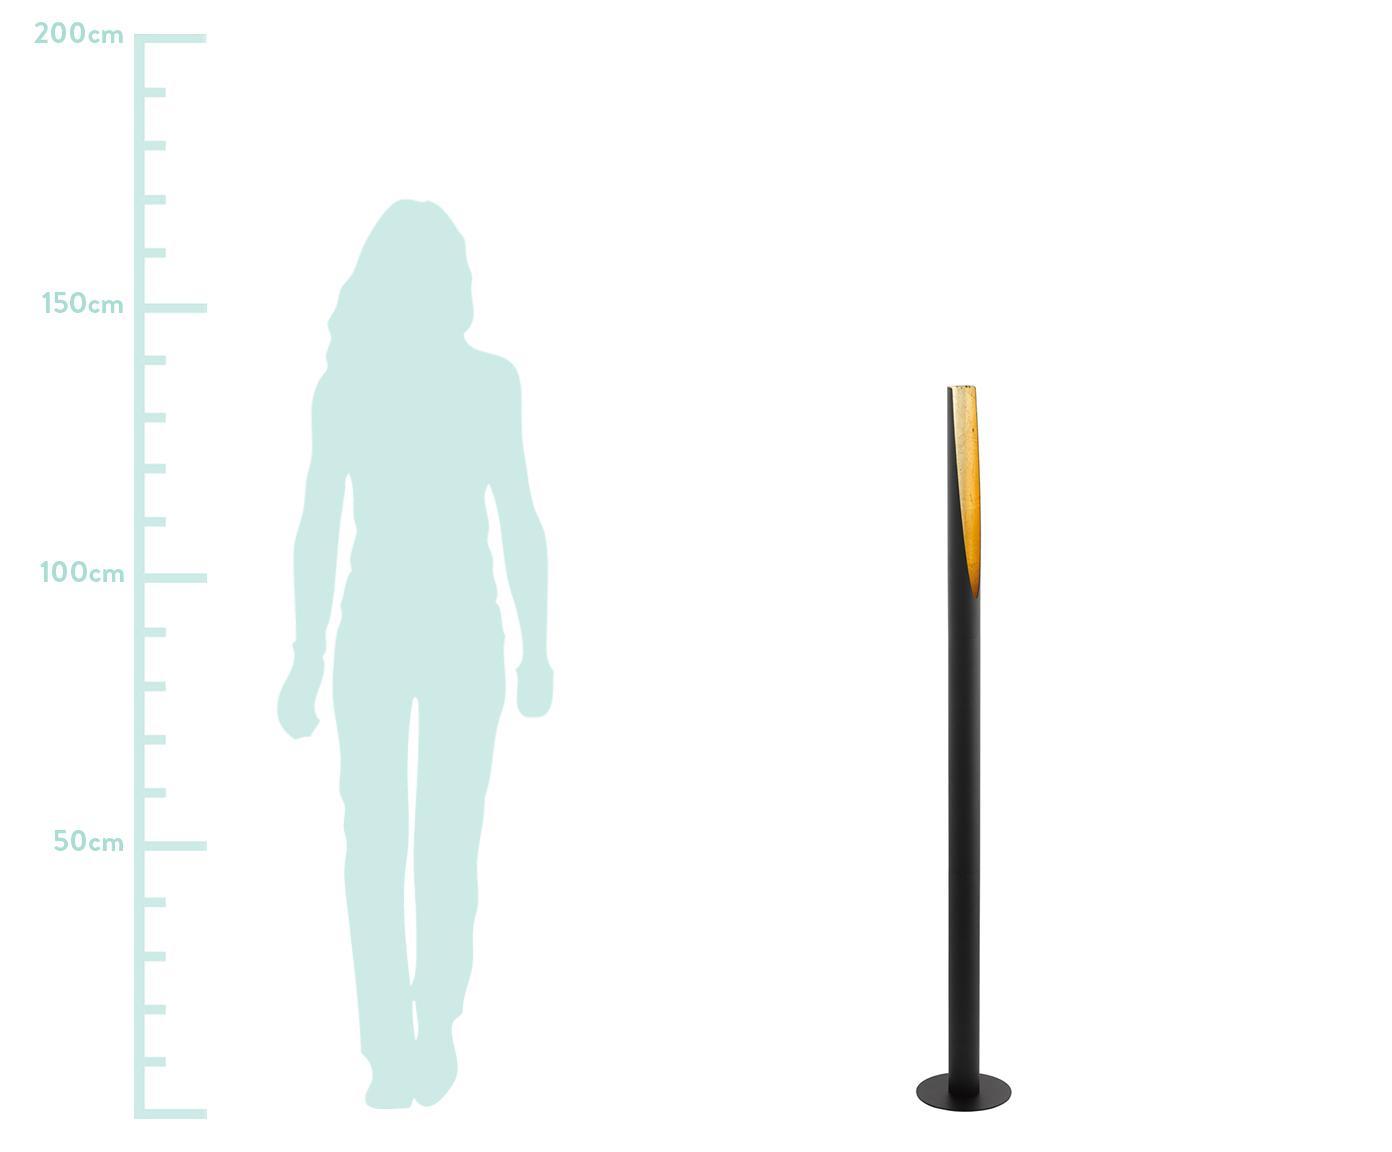 Lampa podłogowa LED Barbotto, Czarny, Ø 6 x W 137 cm